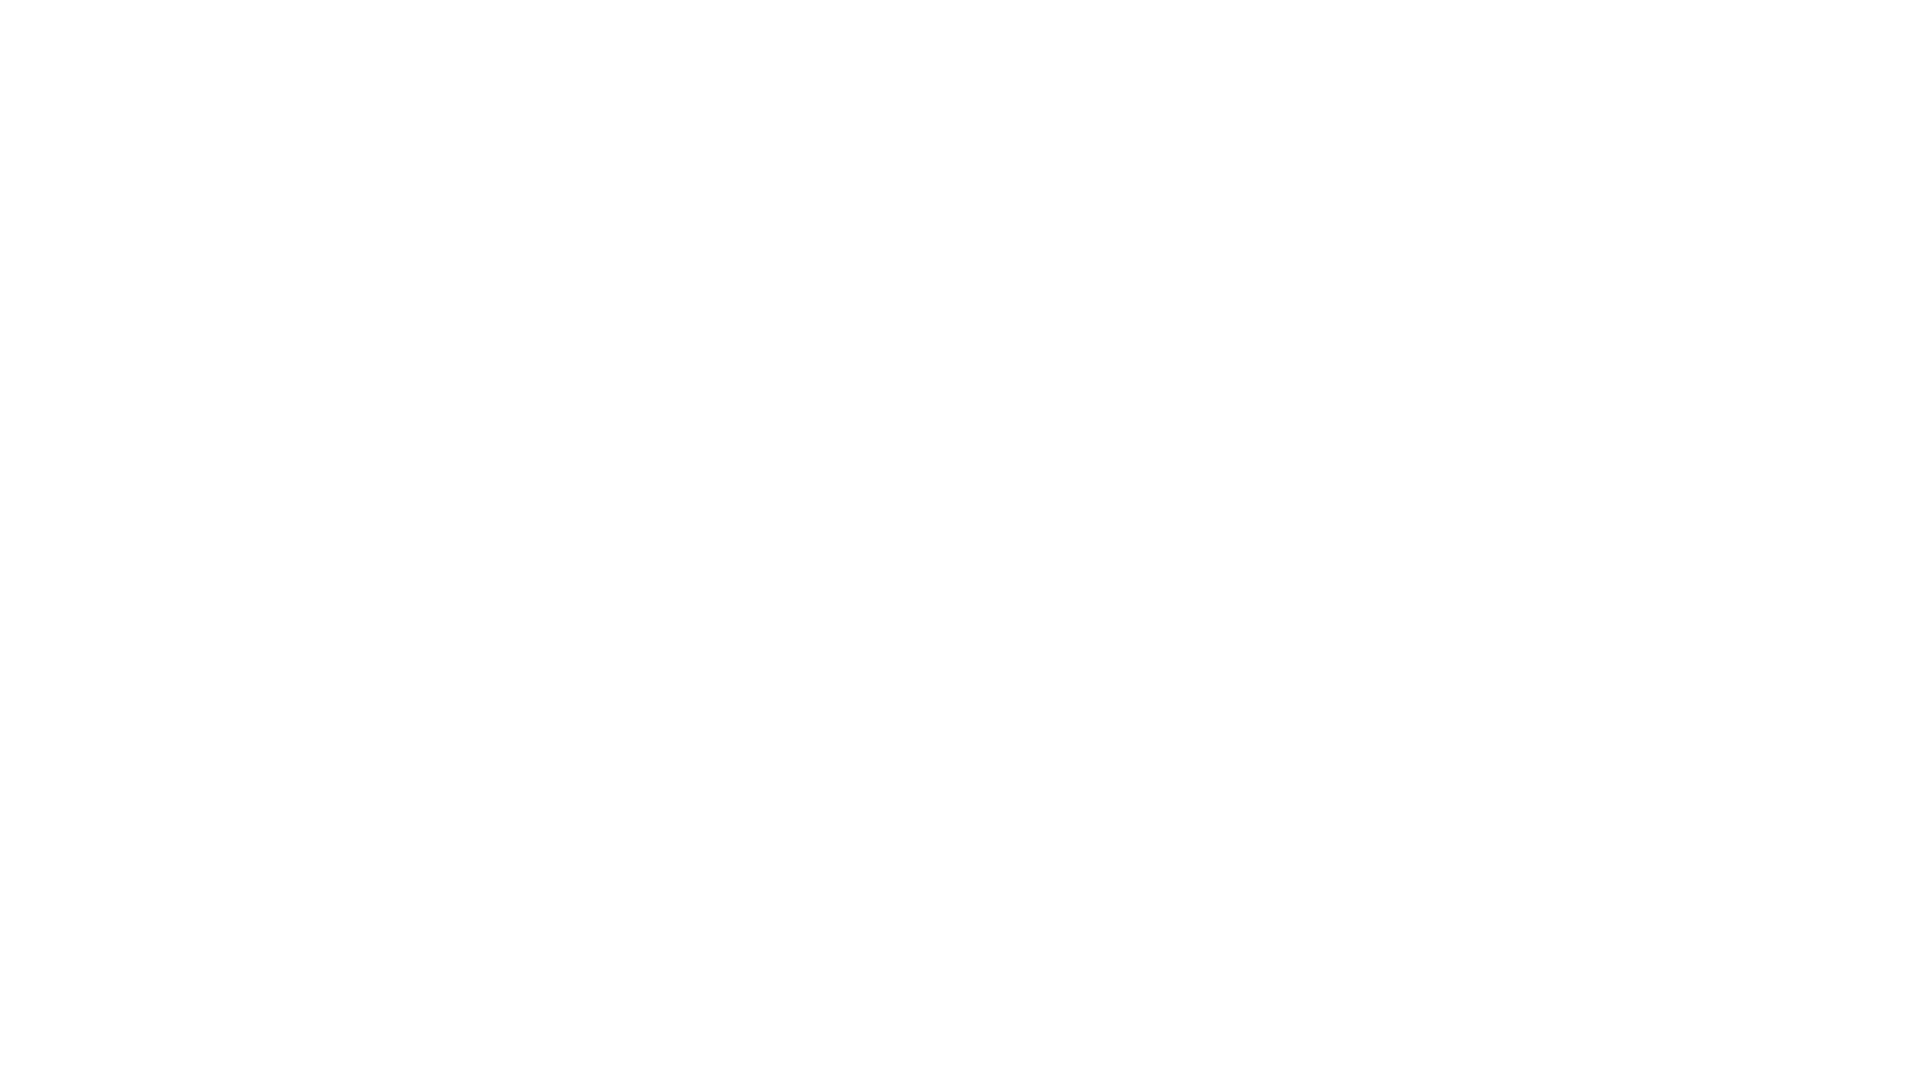 dpffix